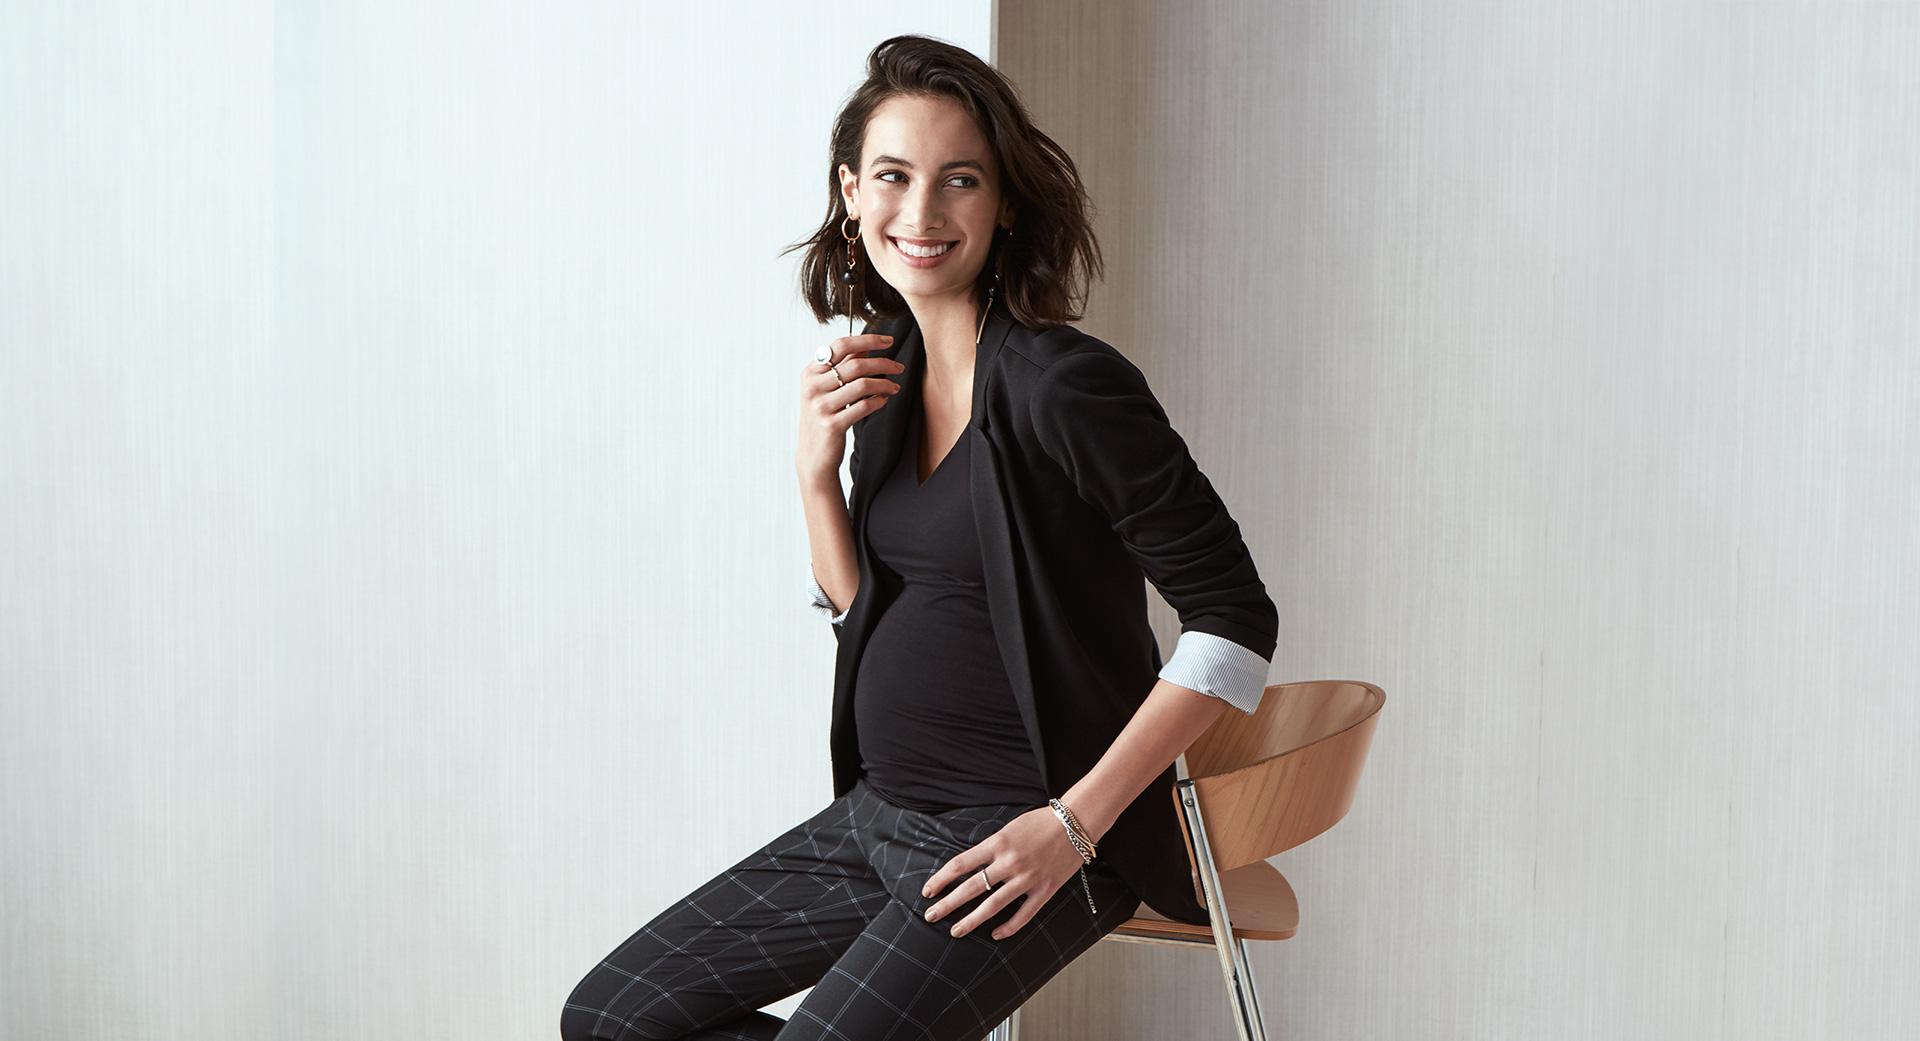 Hauts Placé. Coupes flatteuses et teintes chaleureuses à agencer avec vos vestons préférés